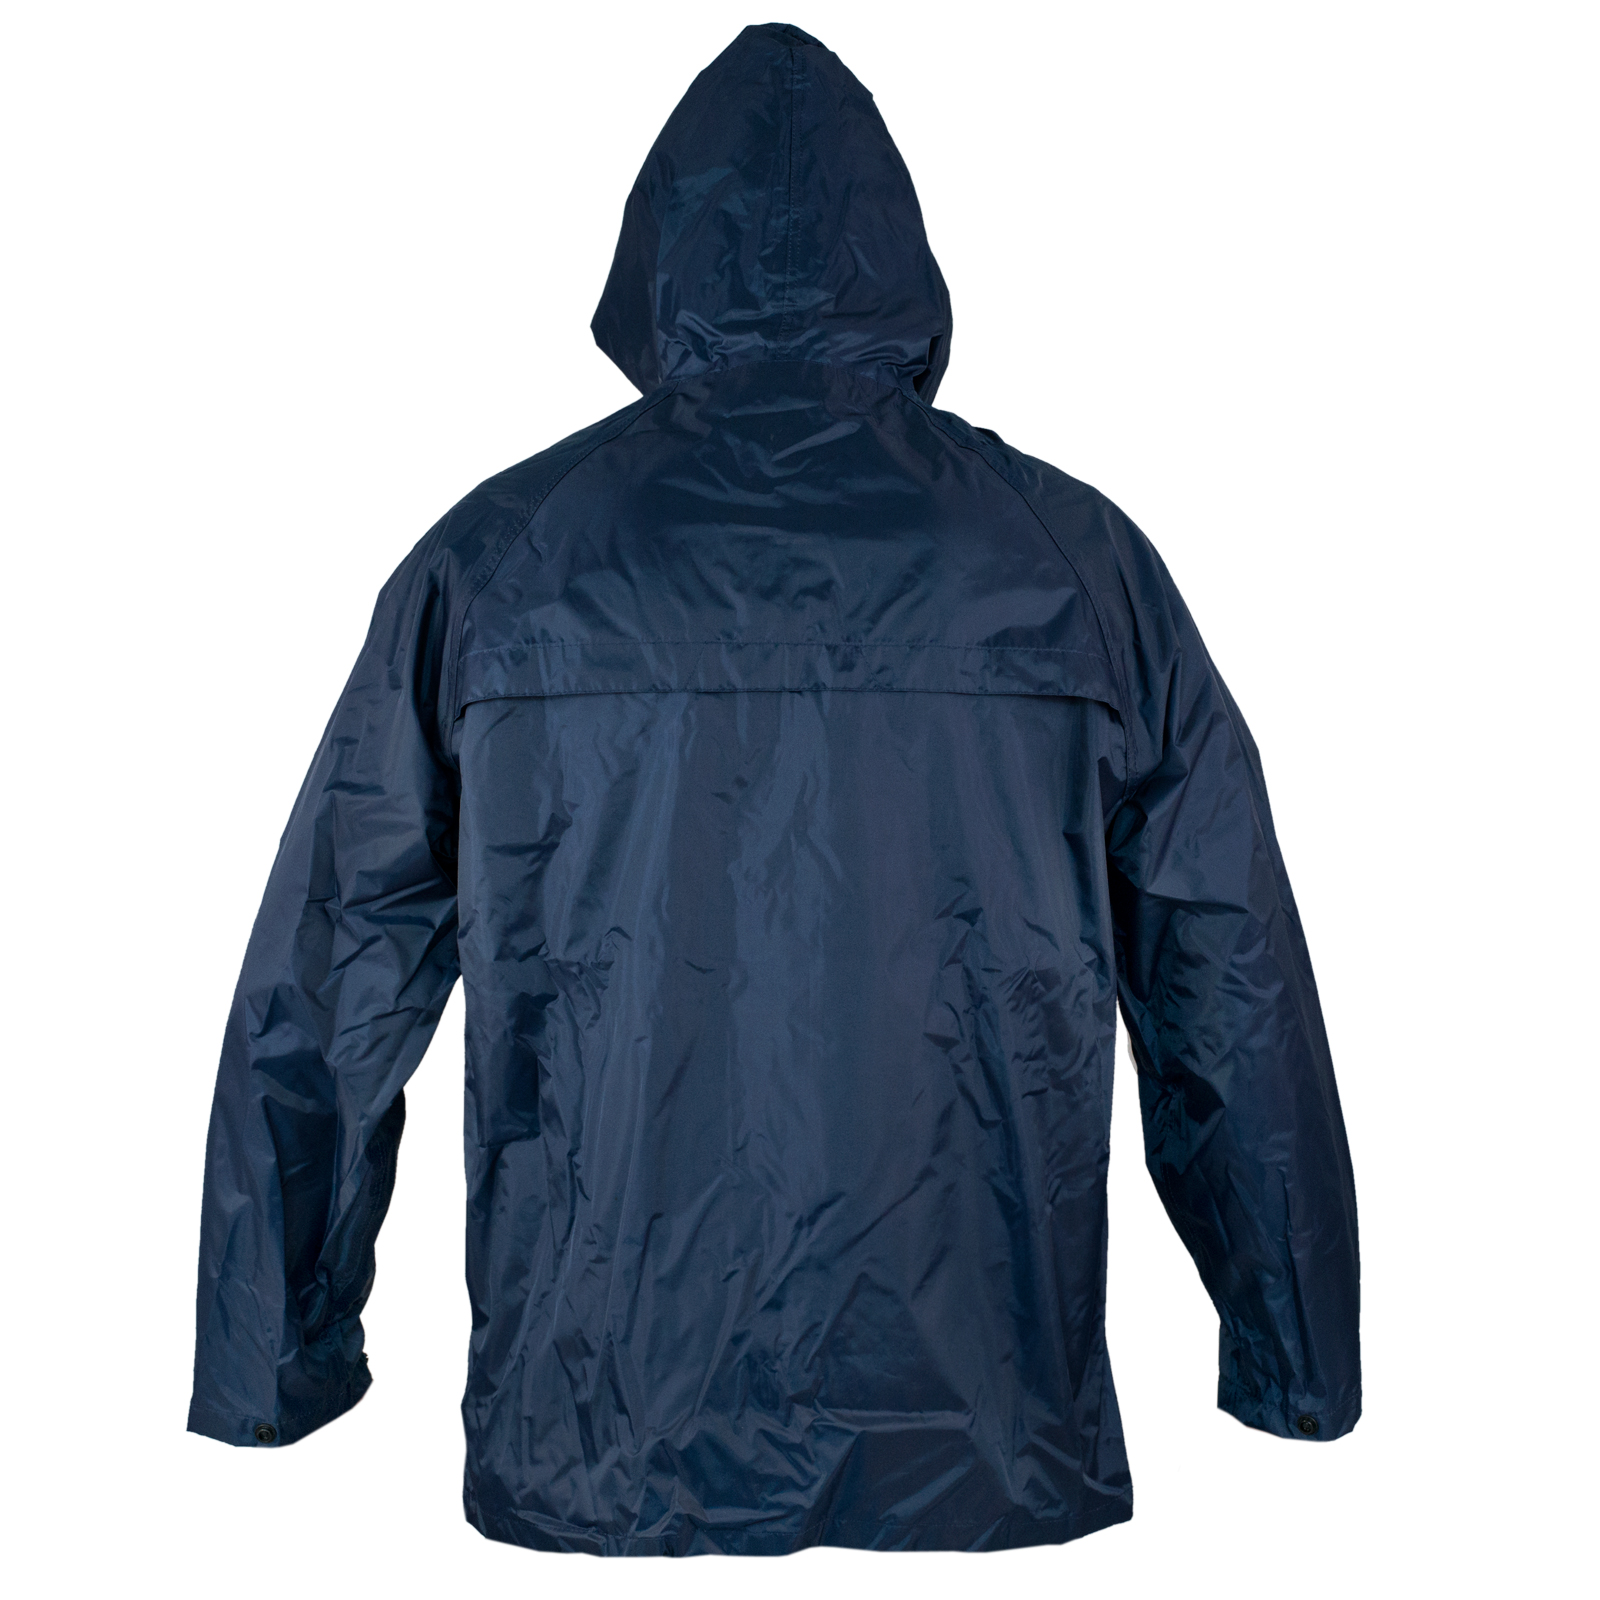 Rainsuit Impermeable Pantalon Chaqueta hombres señoras Capucha Traje ... c47f845be2a